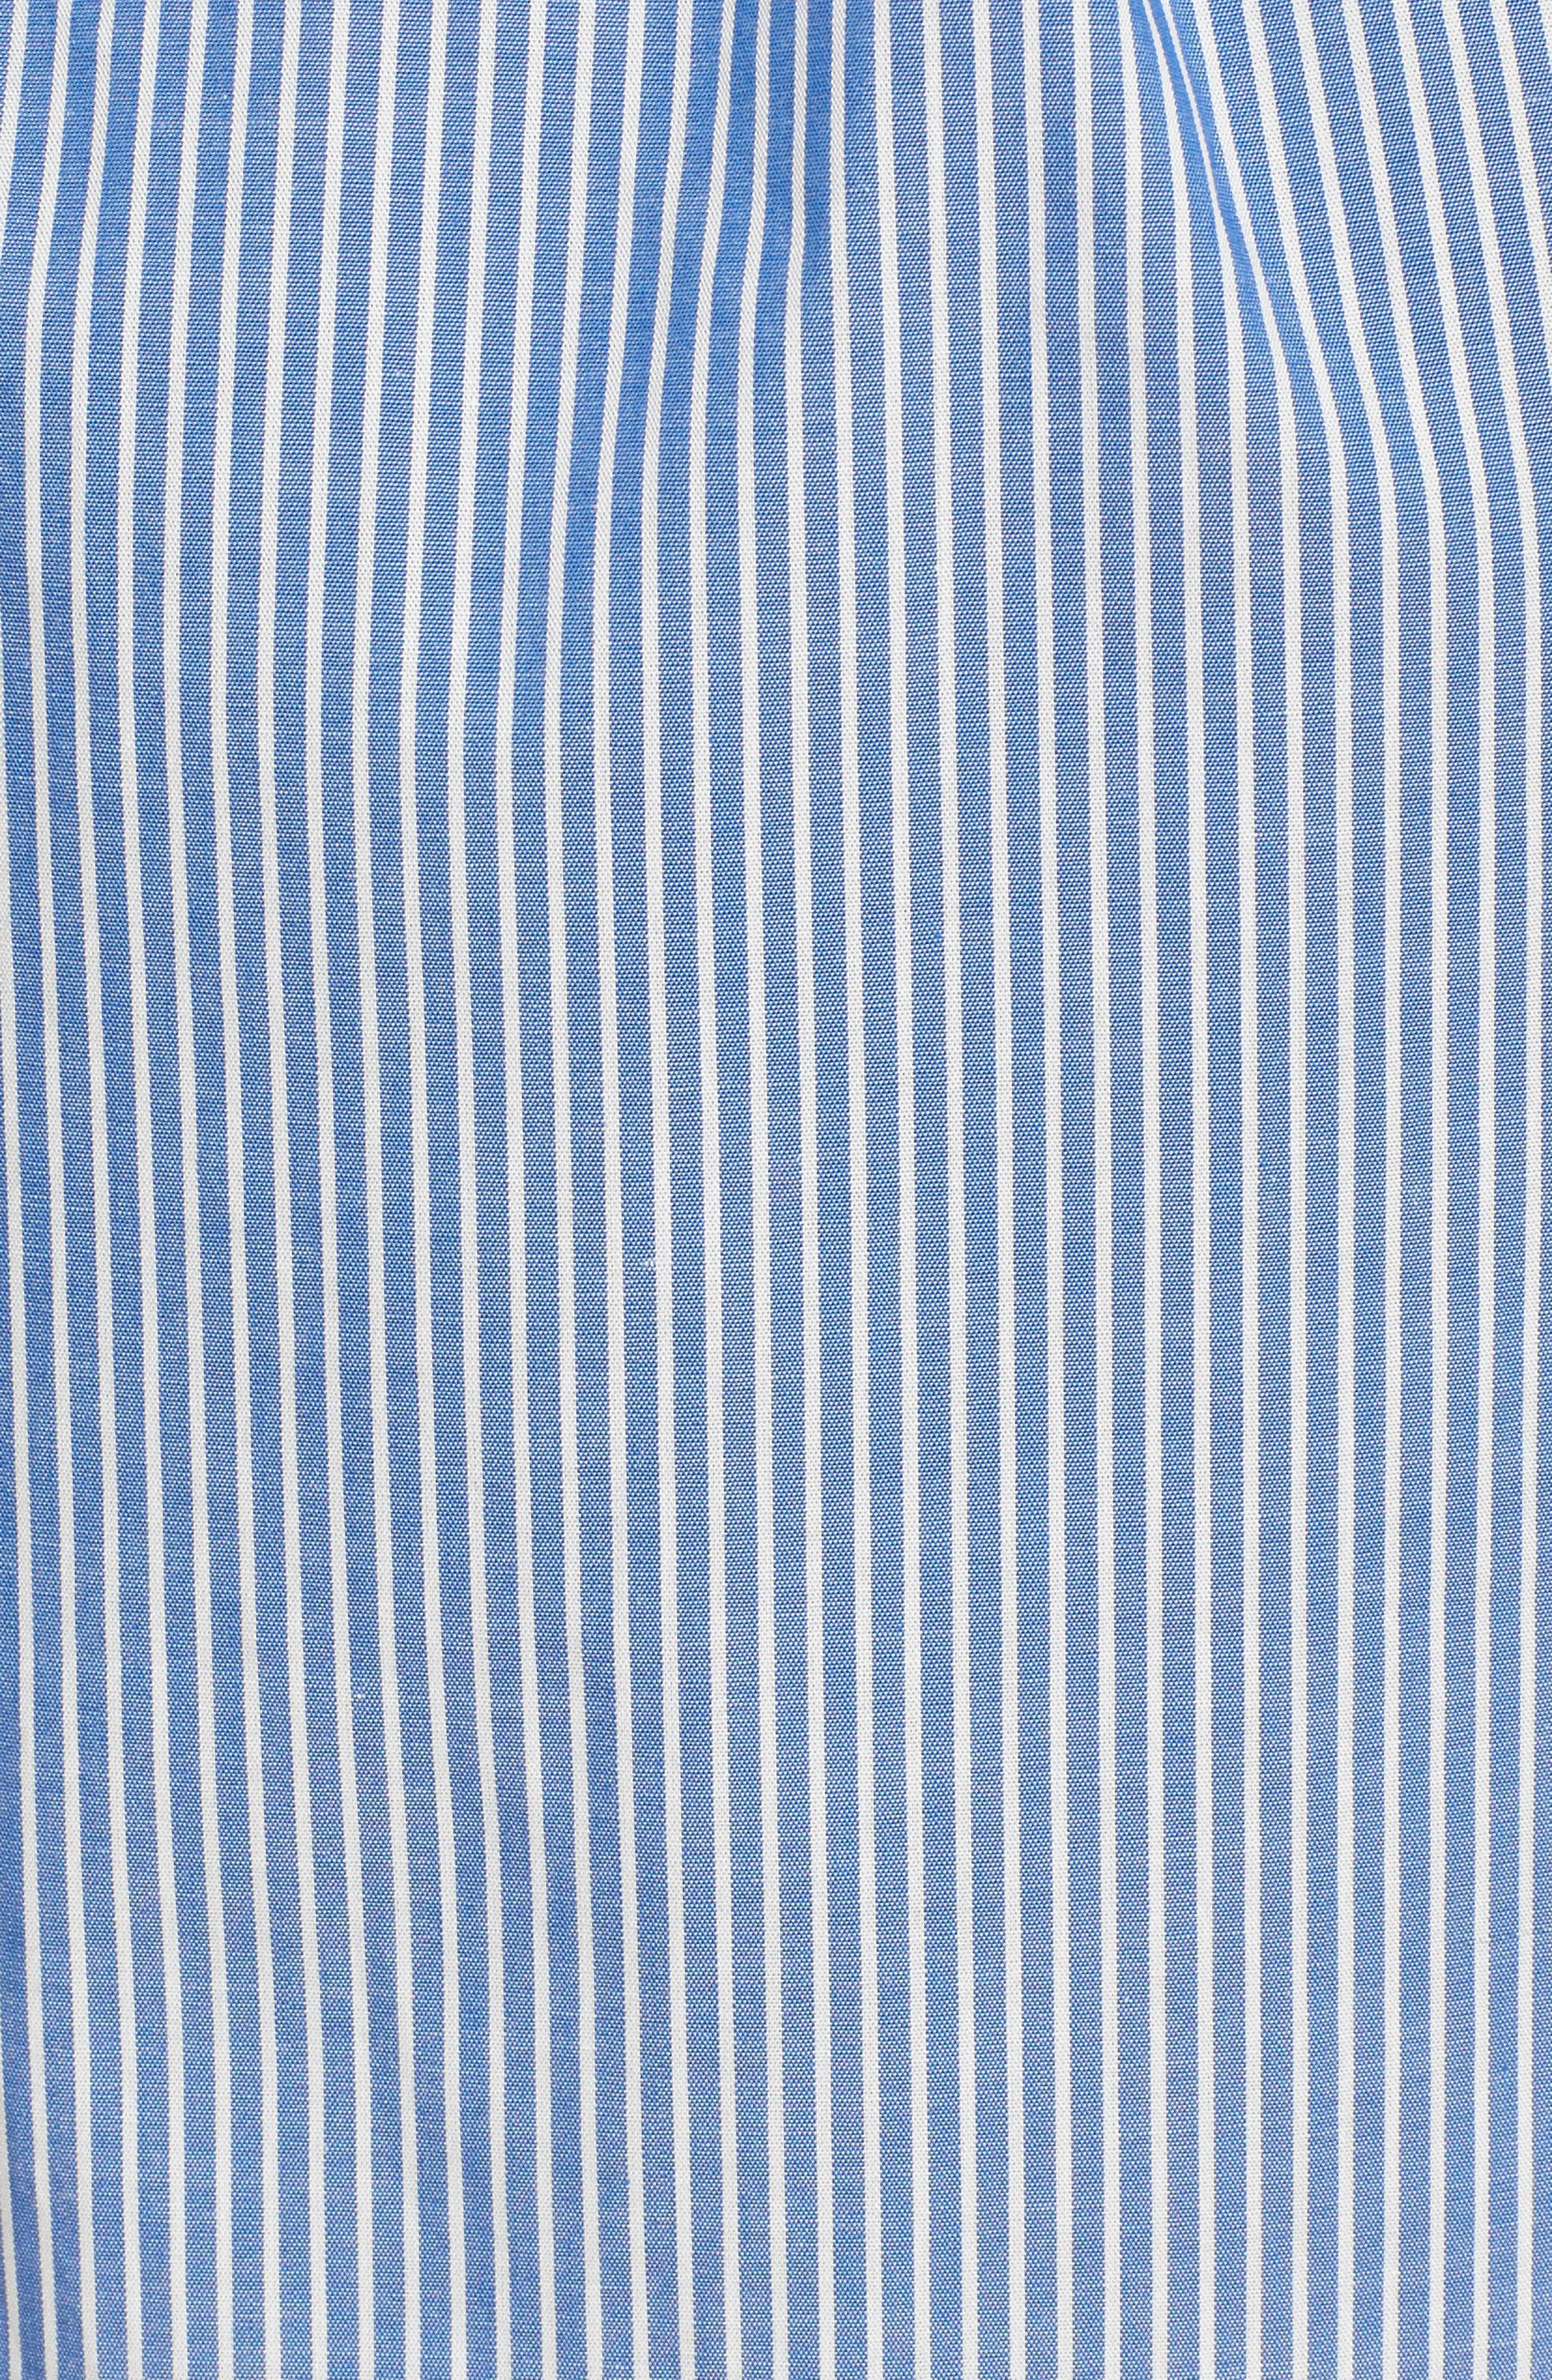 Cotton Poplin Wrap Dress,                             Alternate thumbnail 5, color,                             Blue White Stripe